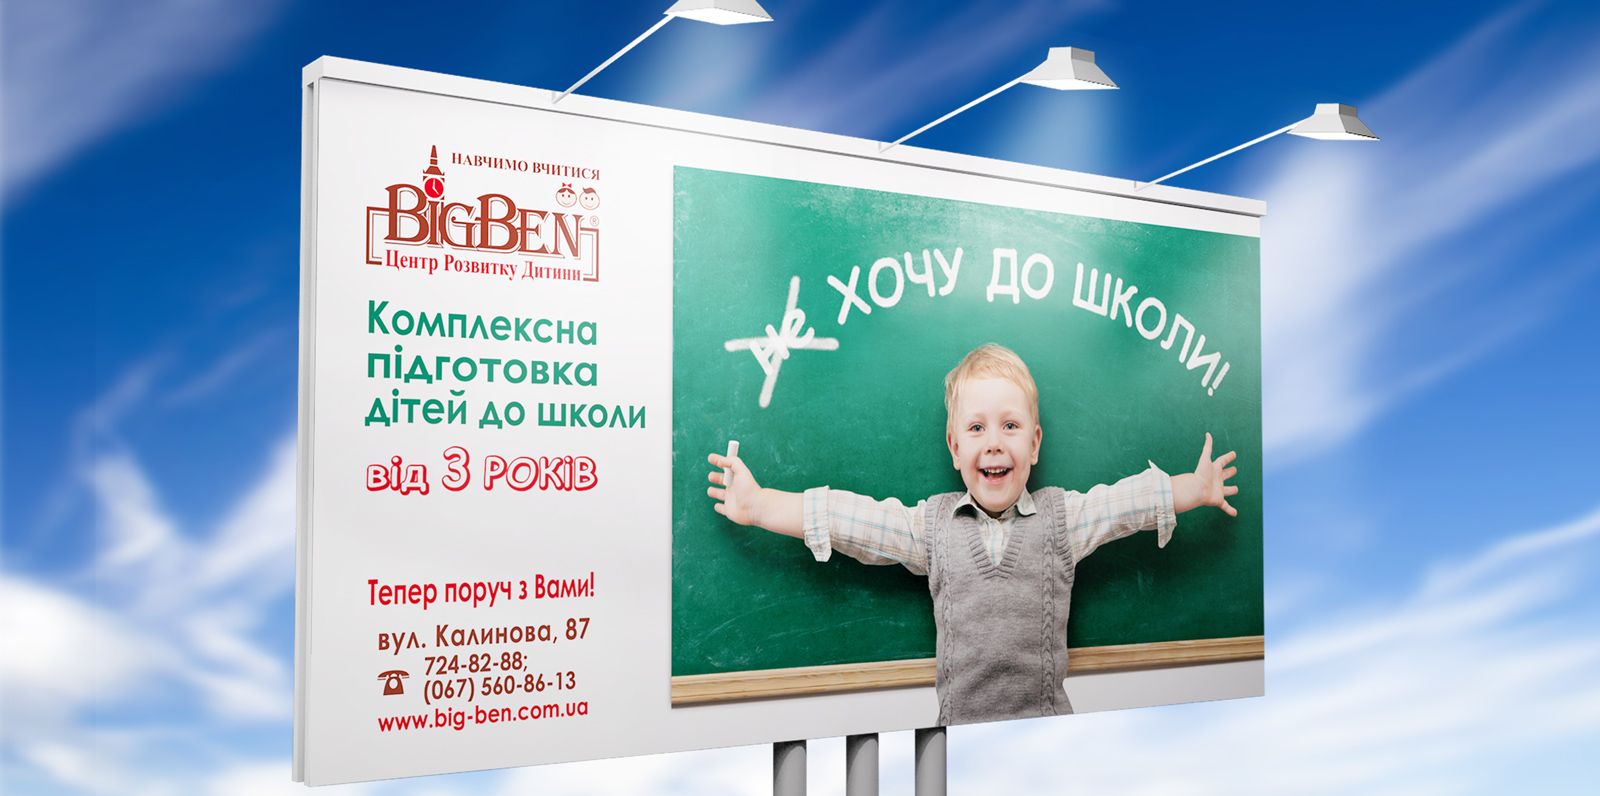 Центр развития ребенка Big Ben;;;;;;Разработка идеи рекламной кампании для центра развития ребенка BigBen;;;;;;<span>Клиент:</span> Центр развития ребенка Big Ben;;;;;;;;;;;;Разработка идеи рекламной кампании для центра развития ребенка BigBen;;;;;; 4 ;;;;;;